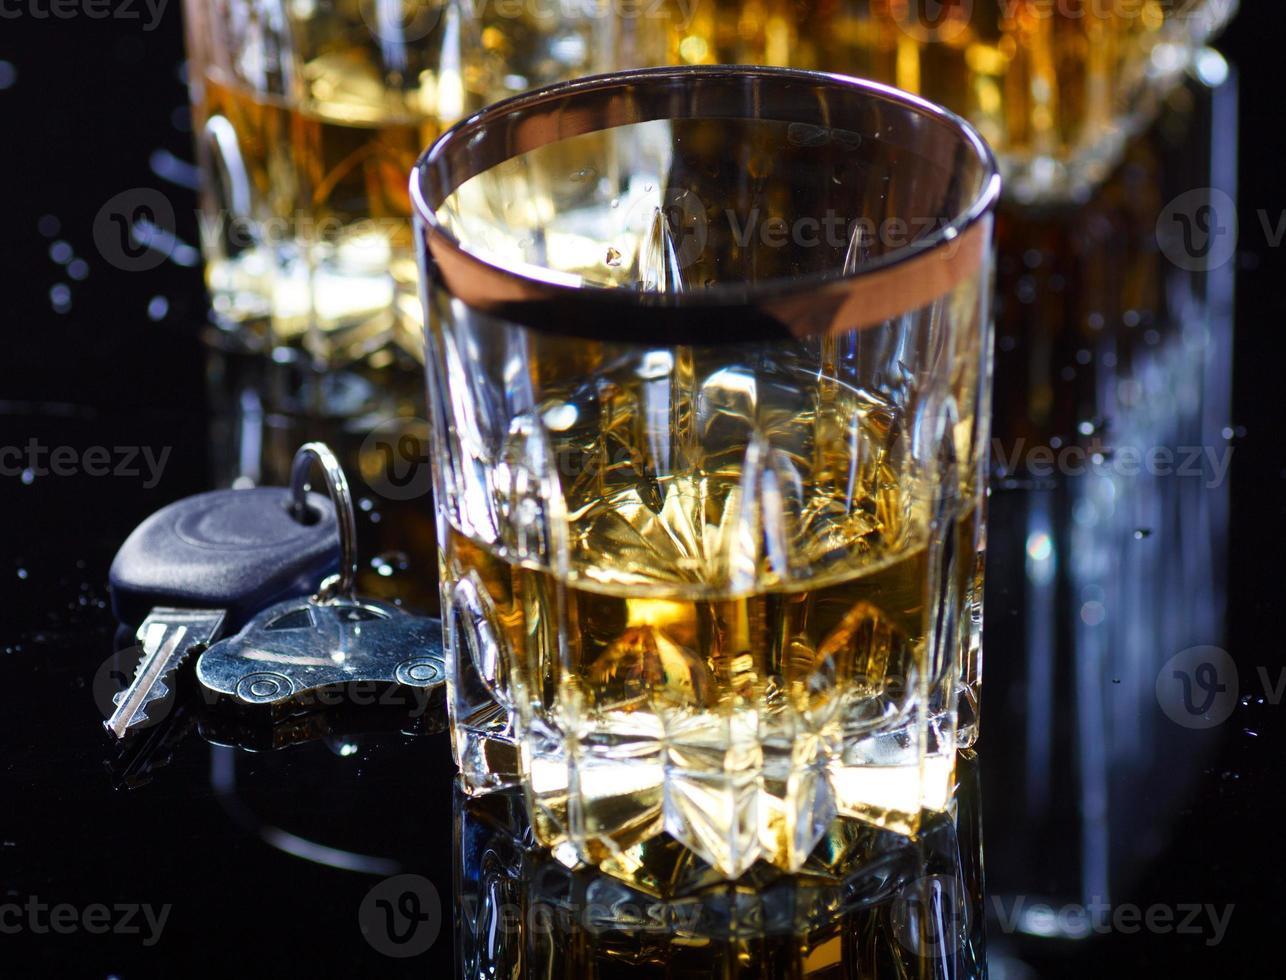 beber y conducir foto